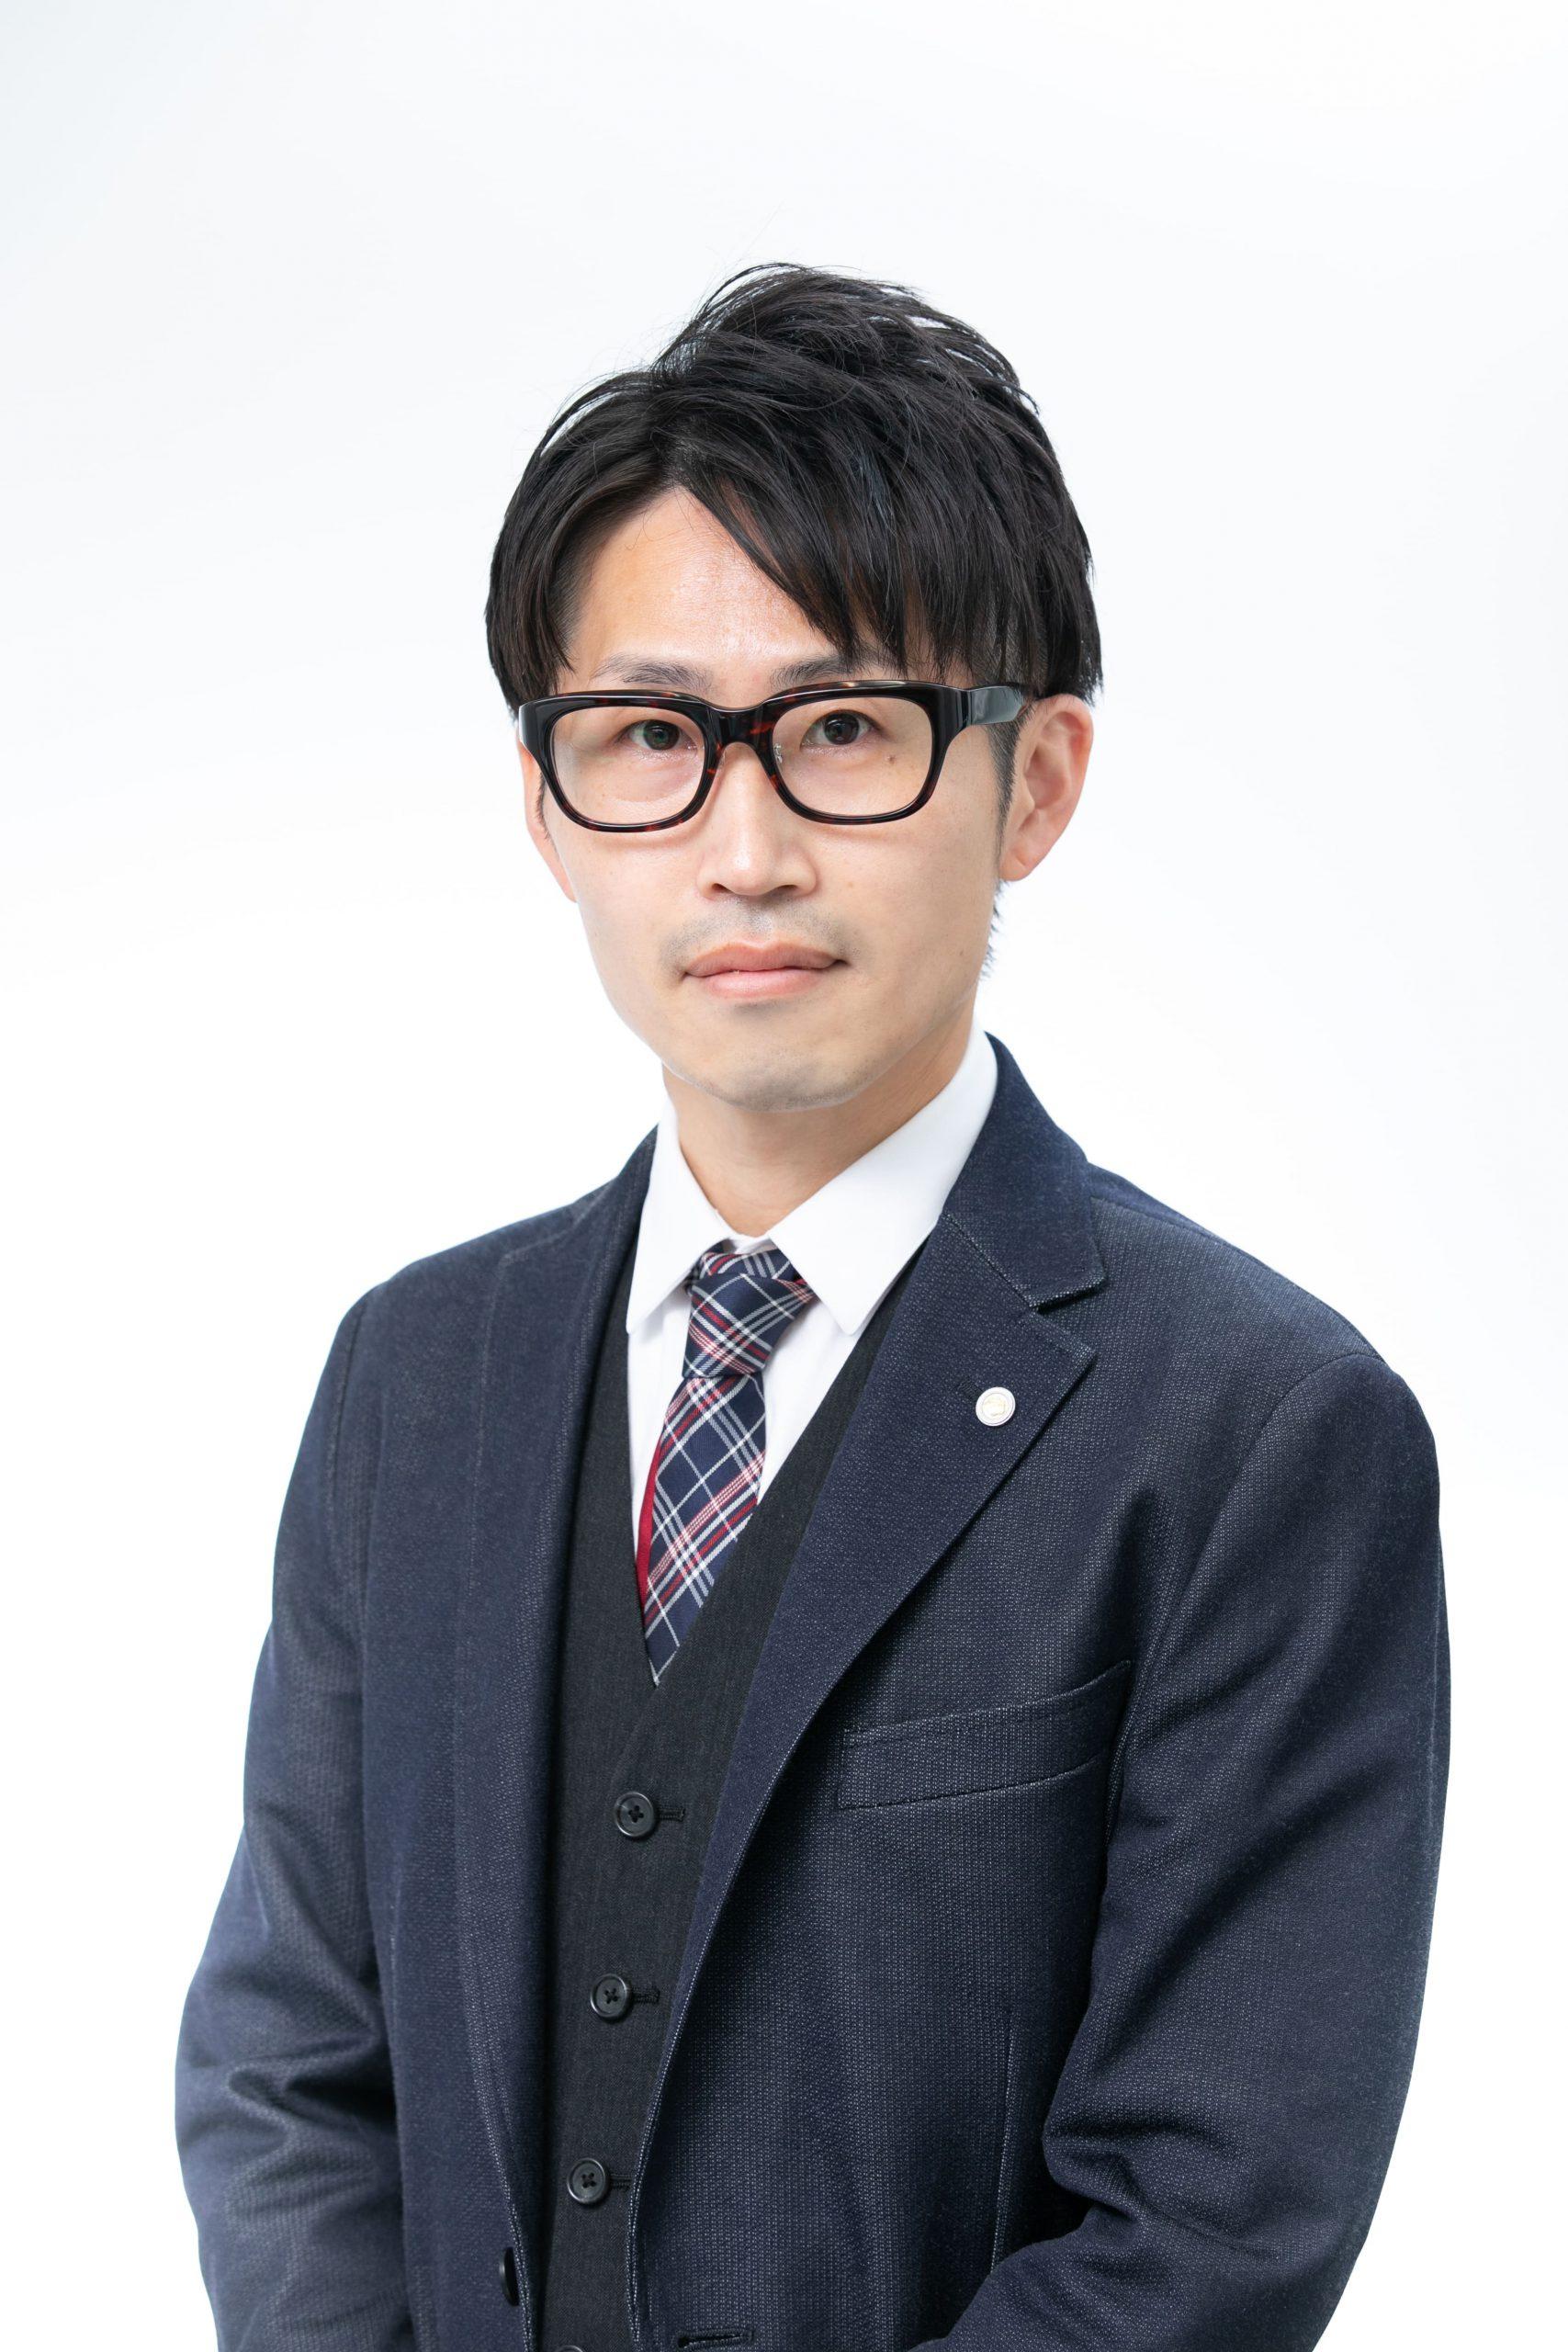 和田 昌雄